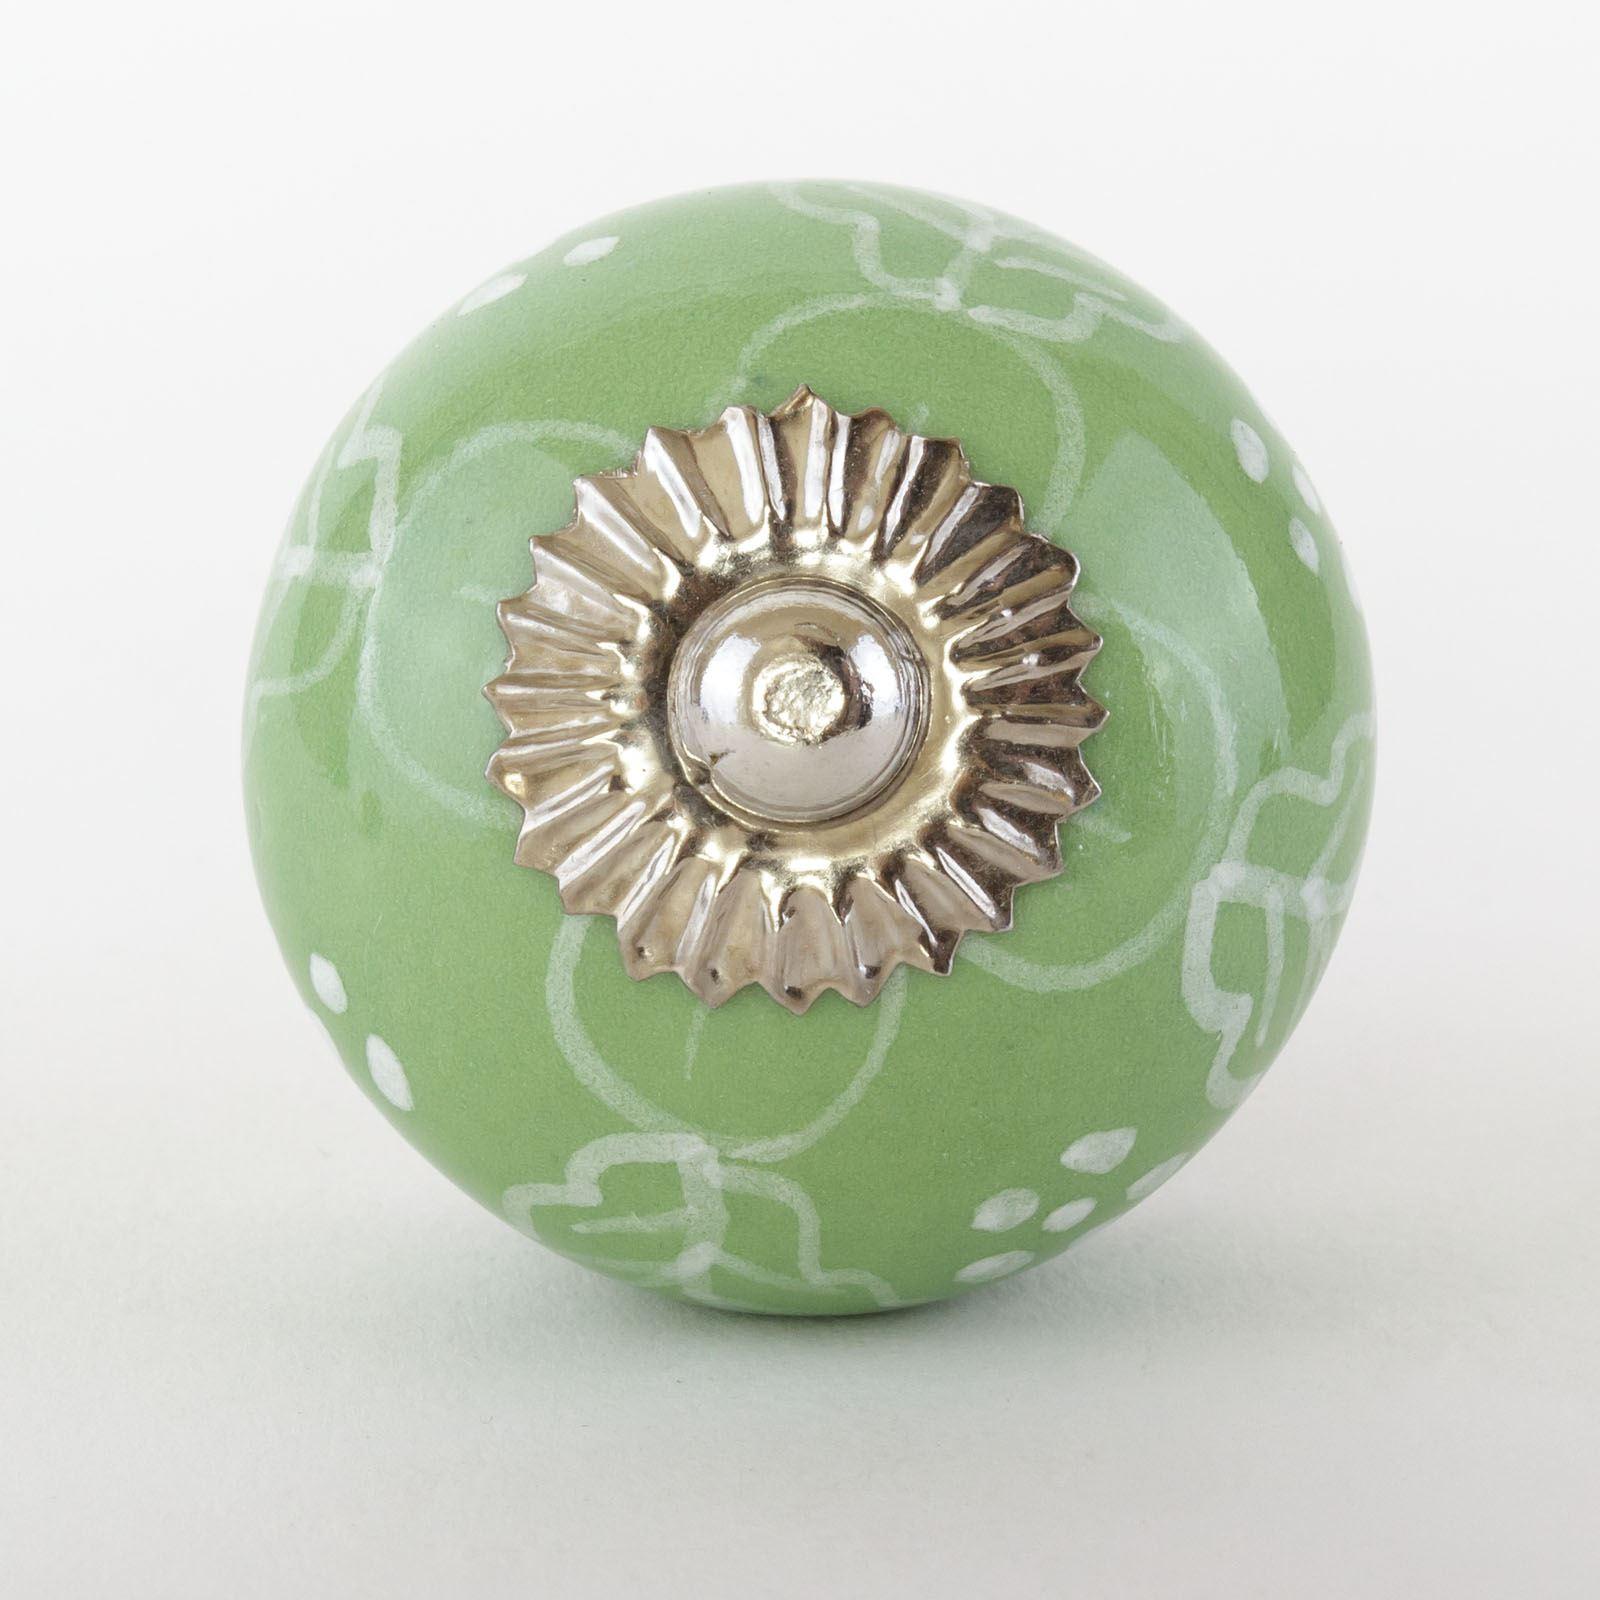 resin door knobs photo - 5